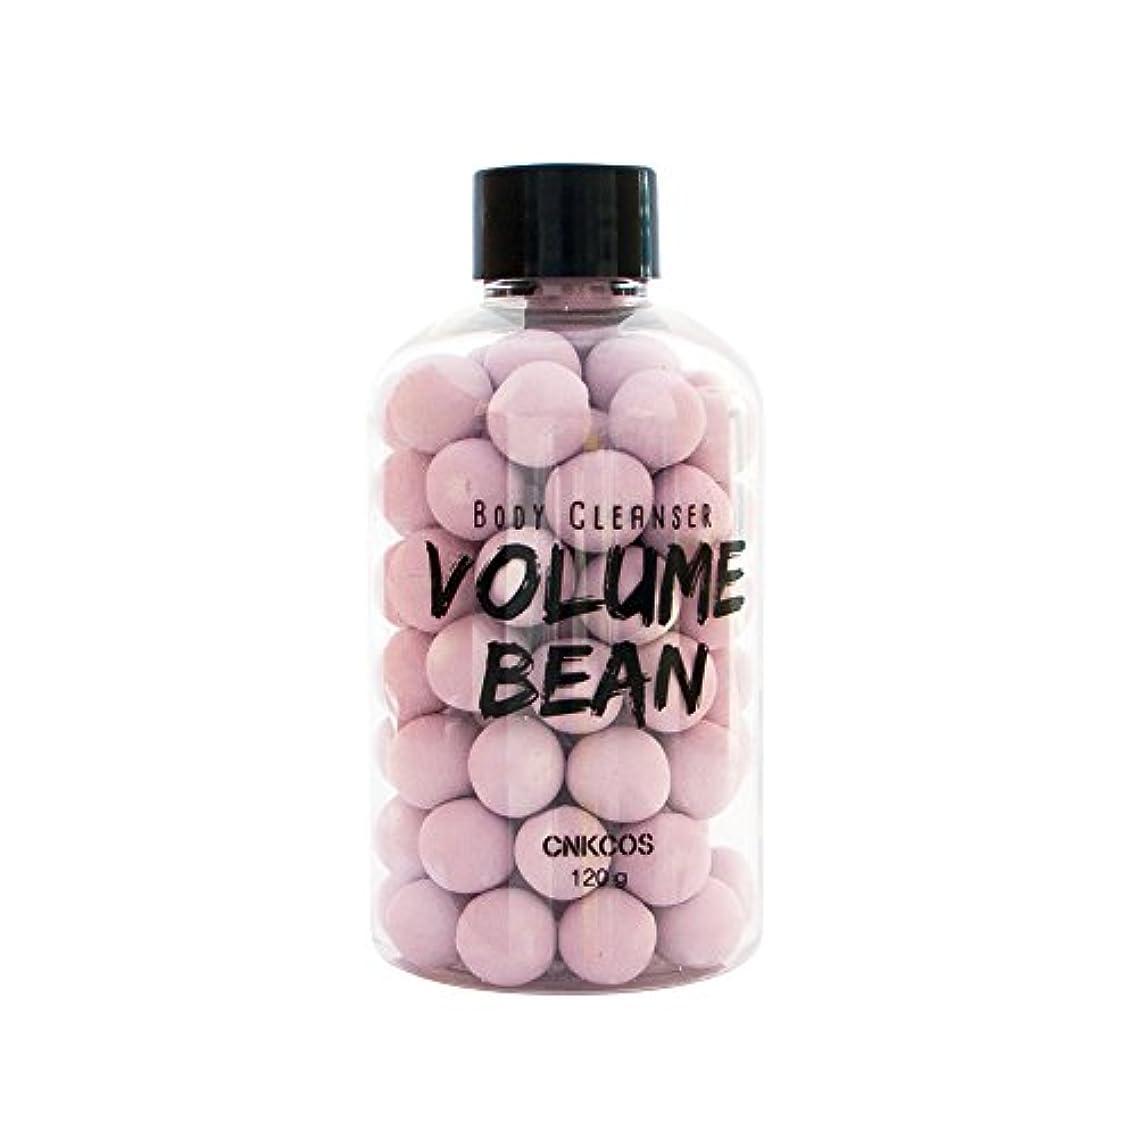 ペイントミントつかの間ボリュームビーン Volume Bean 120g